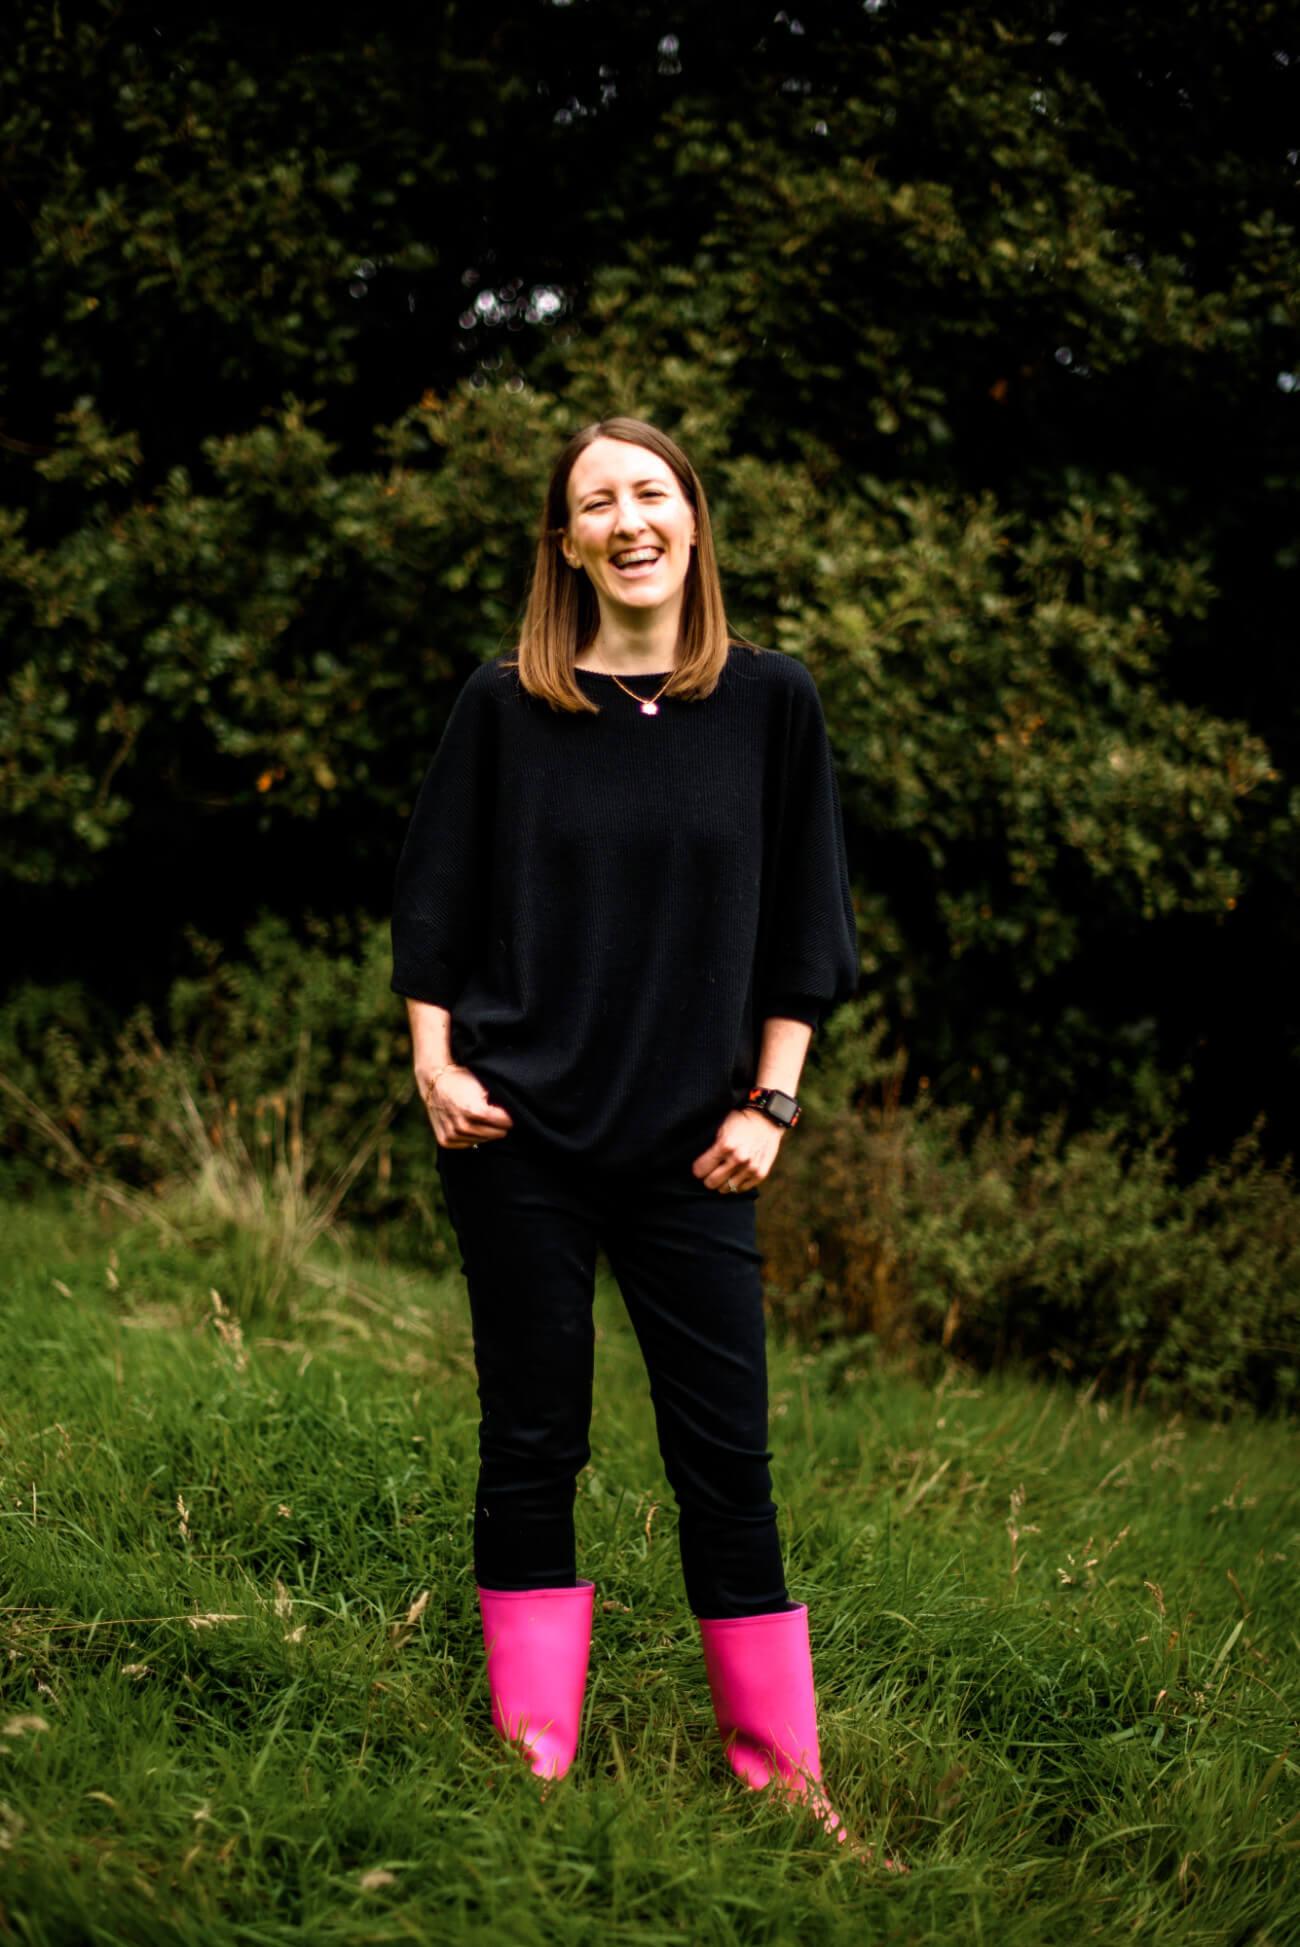 Lauren wearing pink boots outdoor